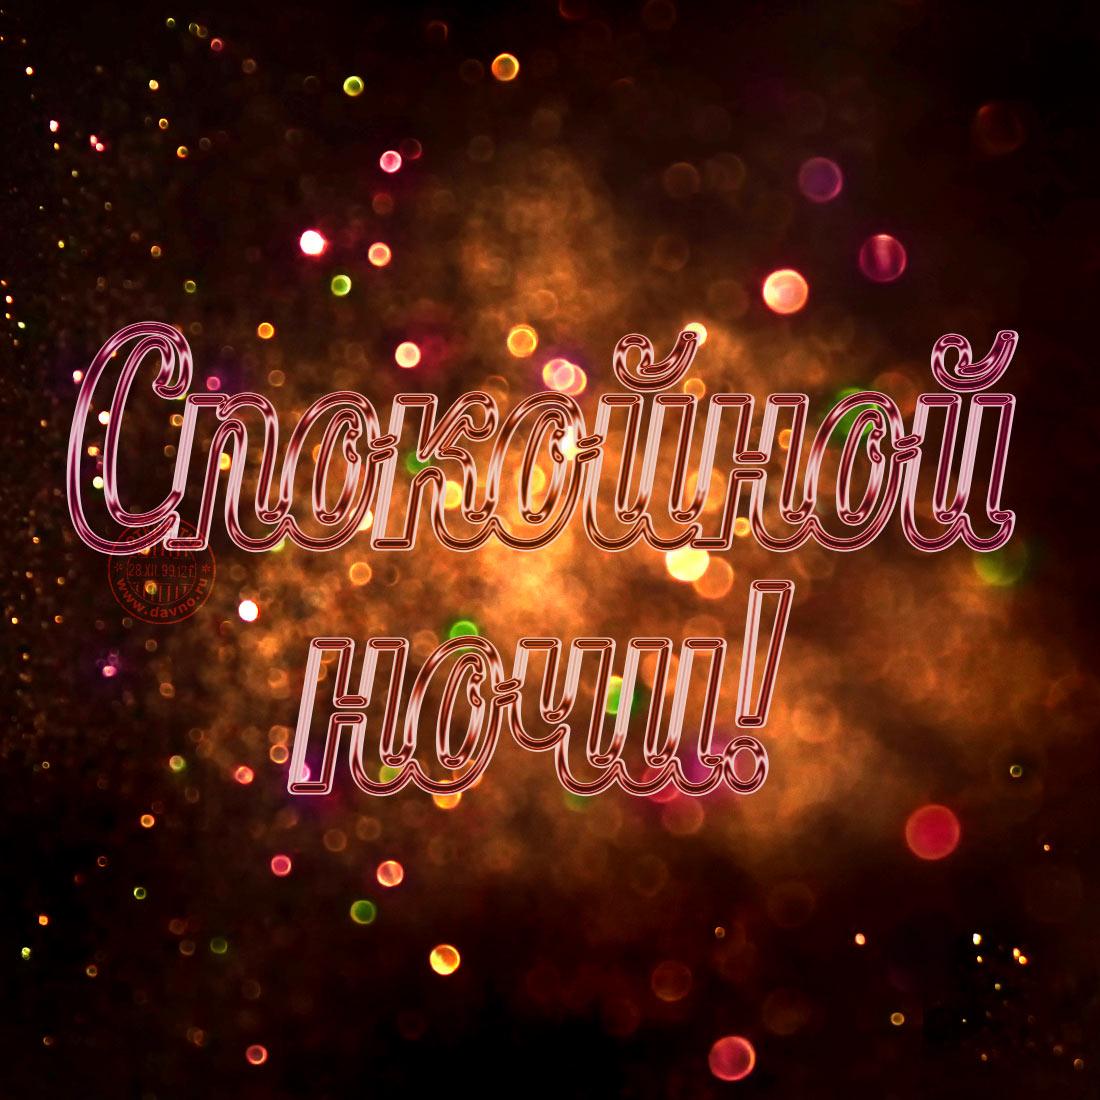 Доброй ночи осенью красивые открытки и картинки (1)